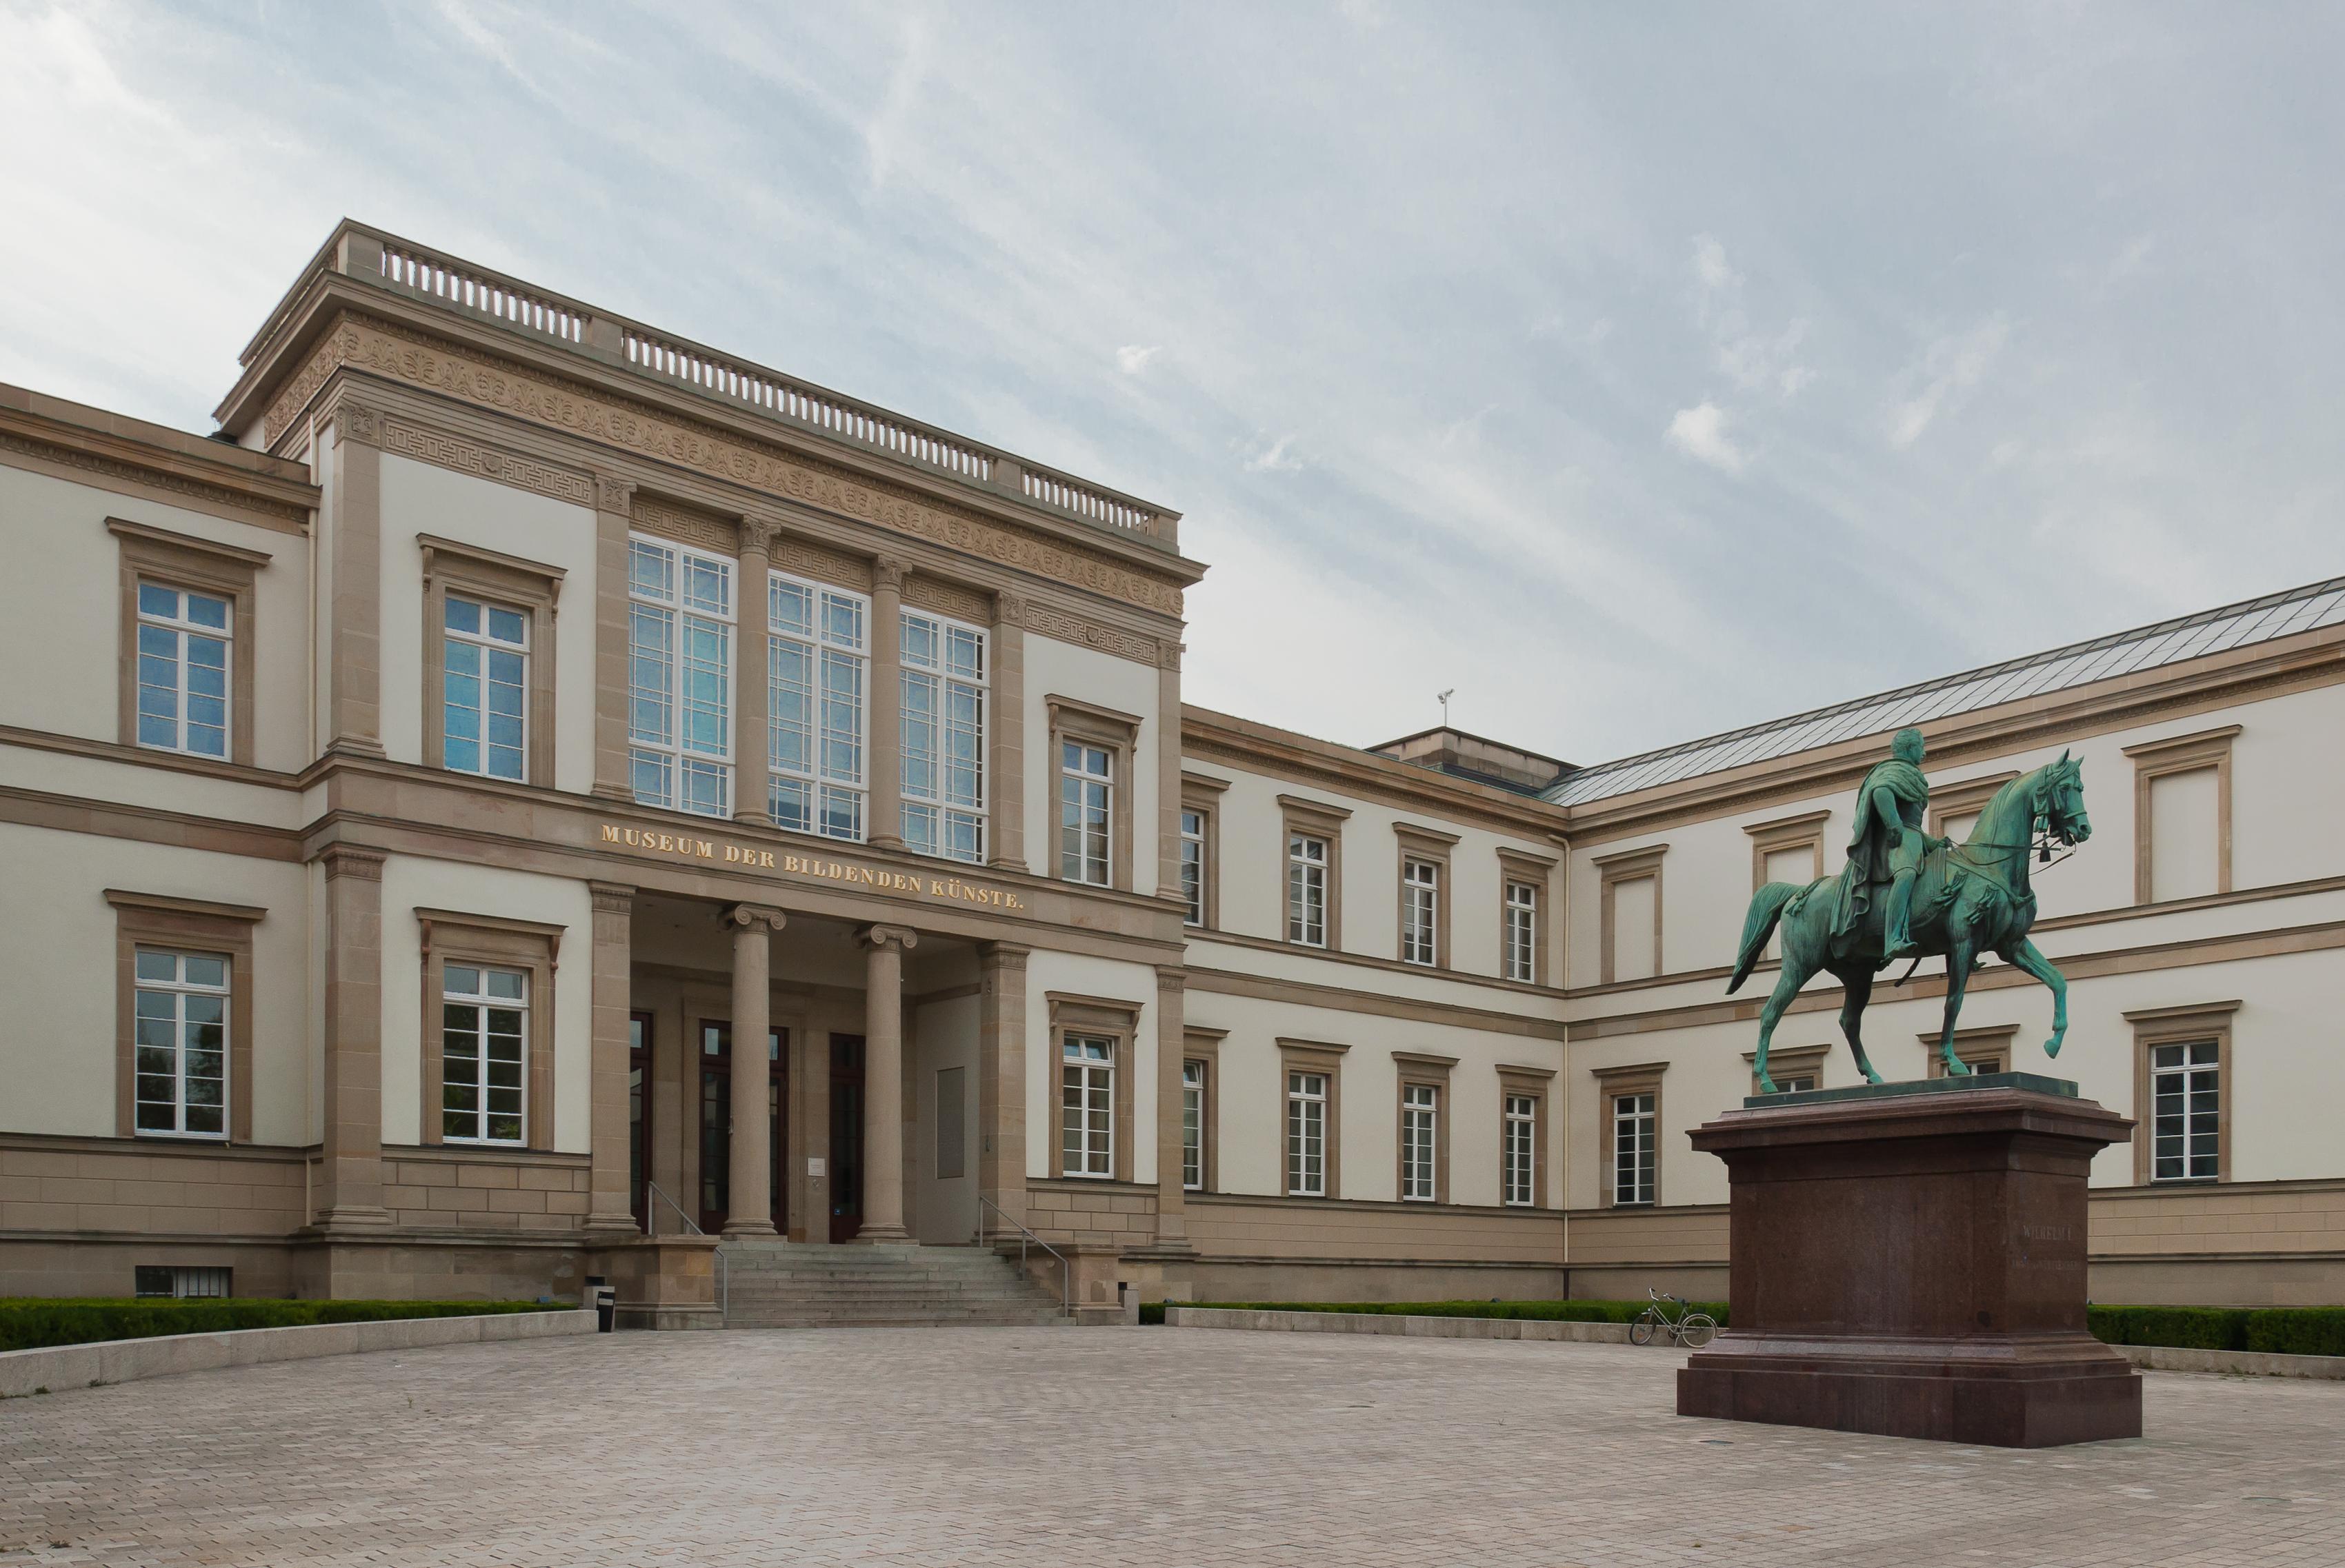 File:Alte Staatsgalerie Stuttgart 2013 01.jpg - Wikimedia Commons